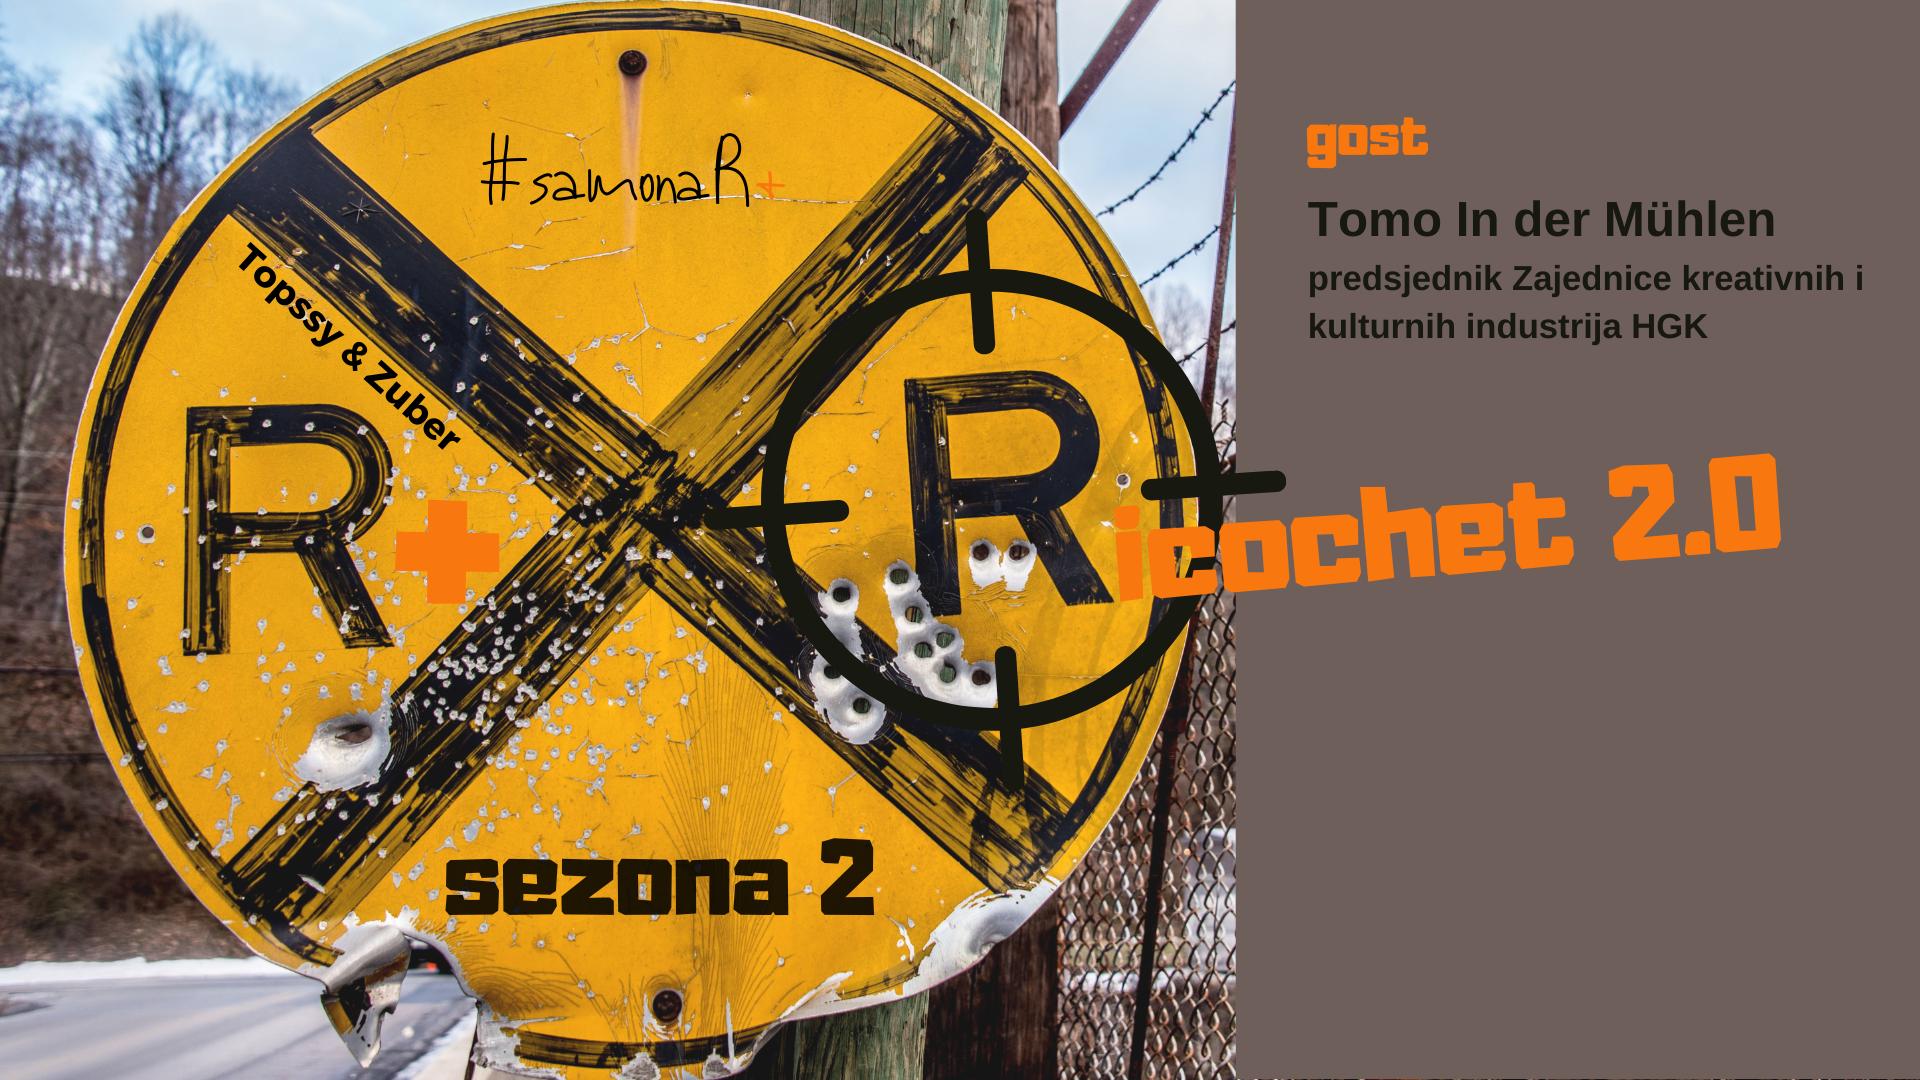 R+: Ricochet 2.0 w. Tomo In der Mühlen